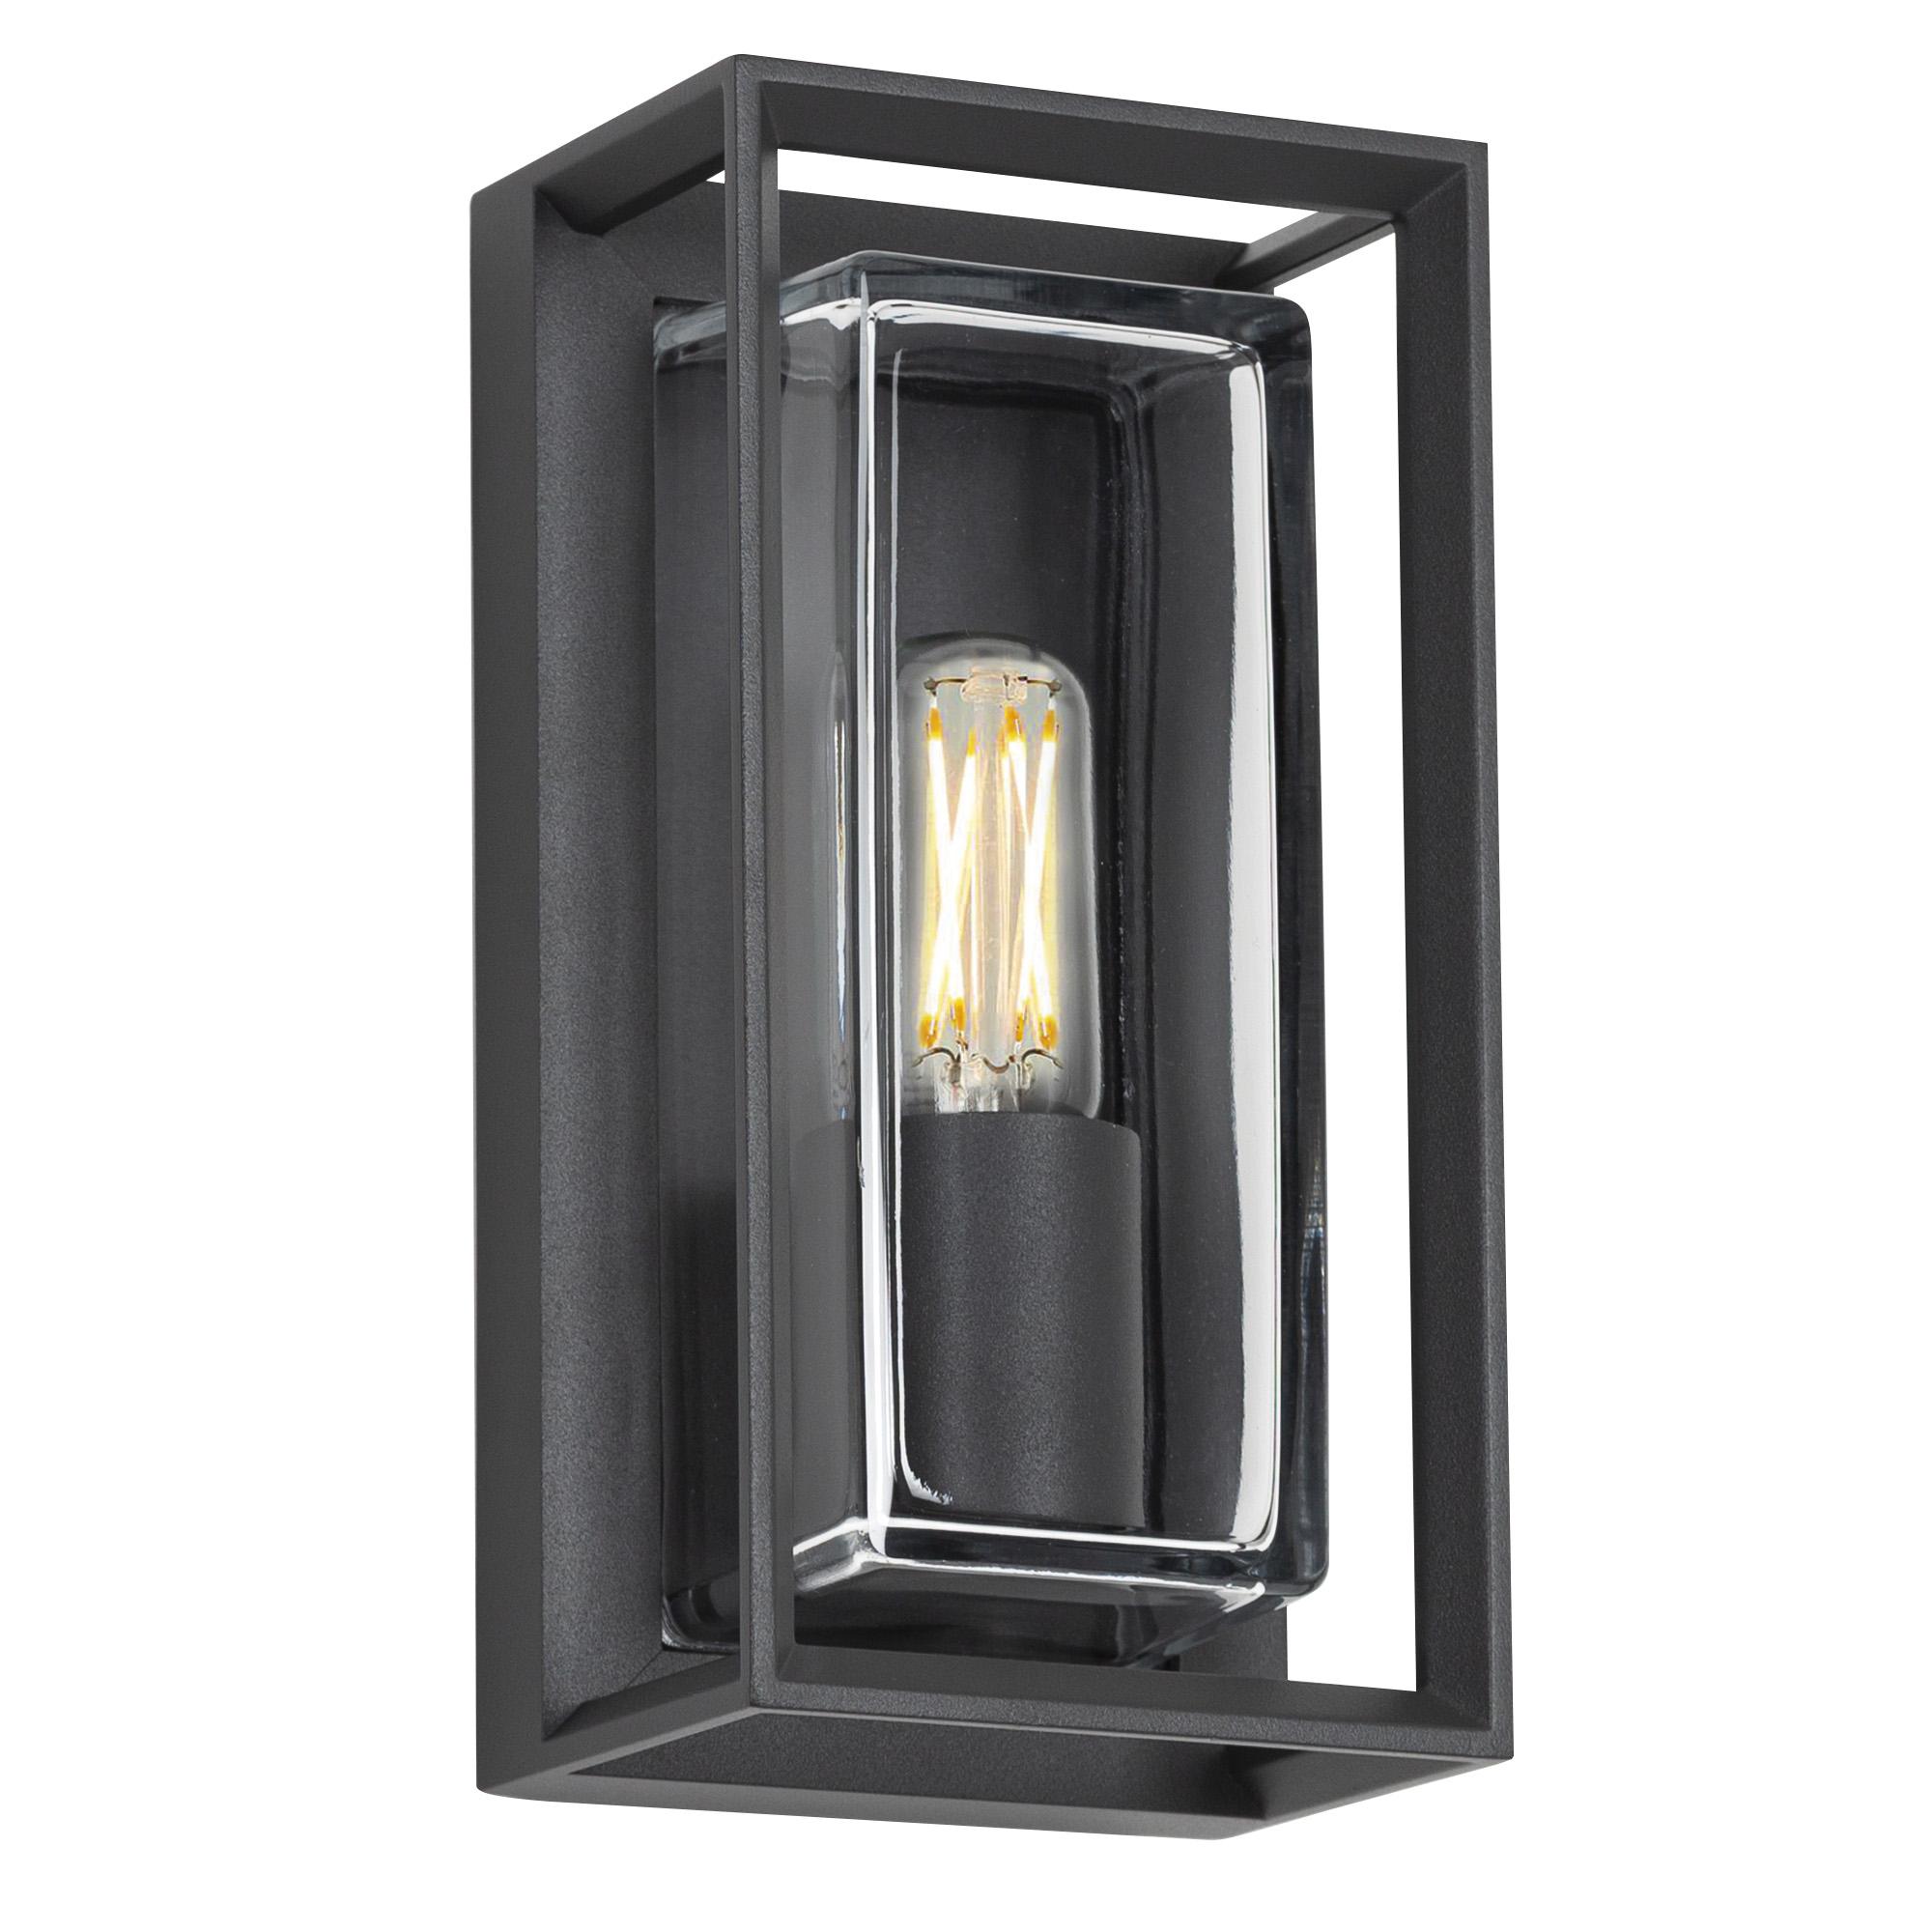 Wandlamp Eaton zwart